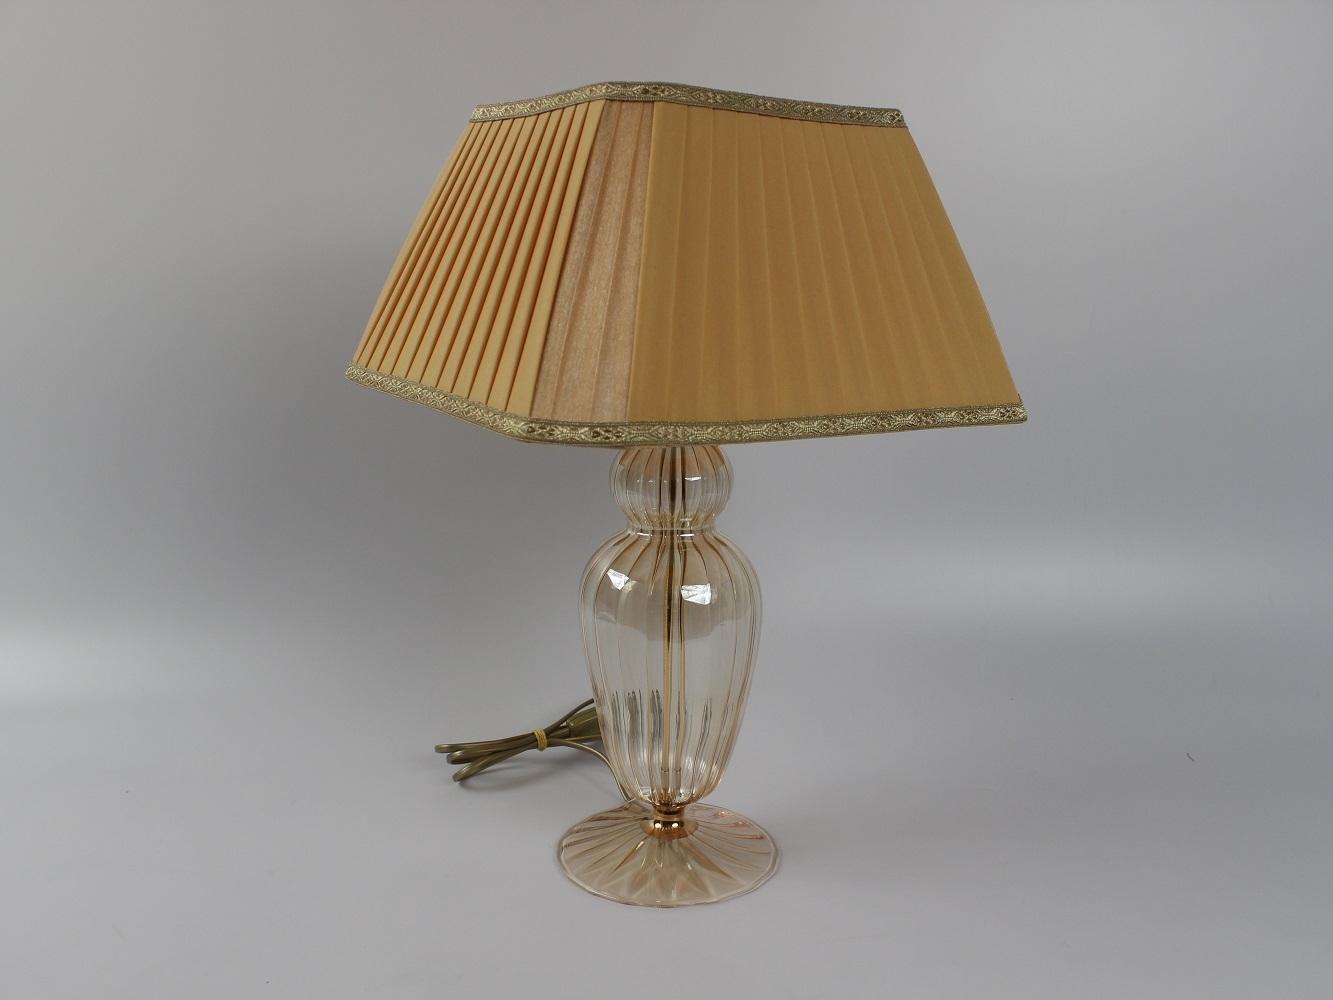 Lampade In Vetro Soffiato : Lampada vetro soffiato in italia color ambrato con paralume